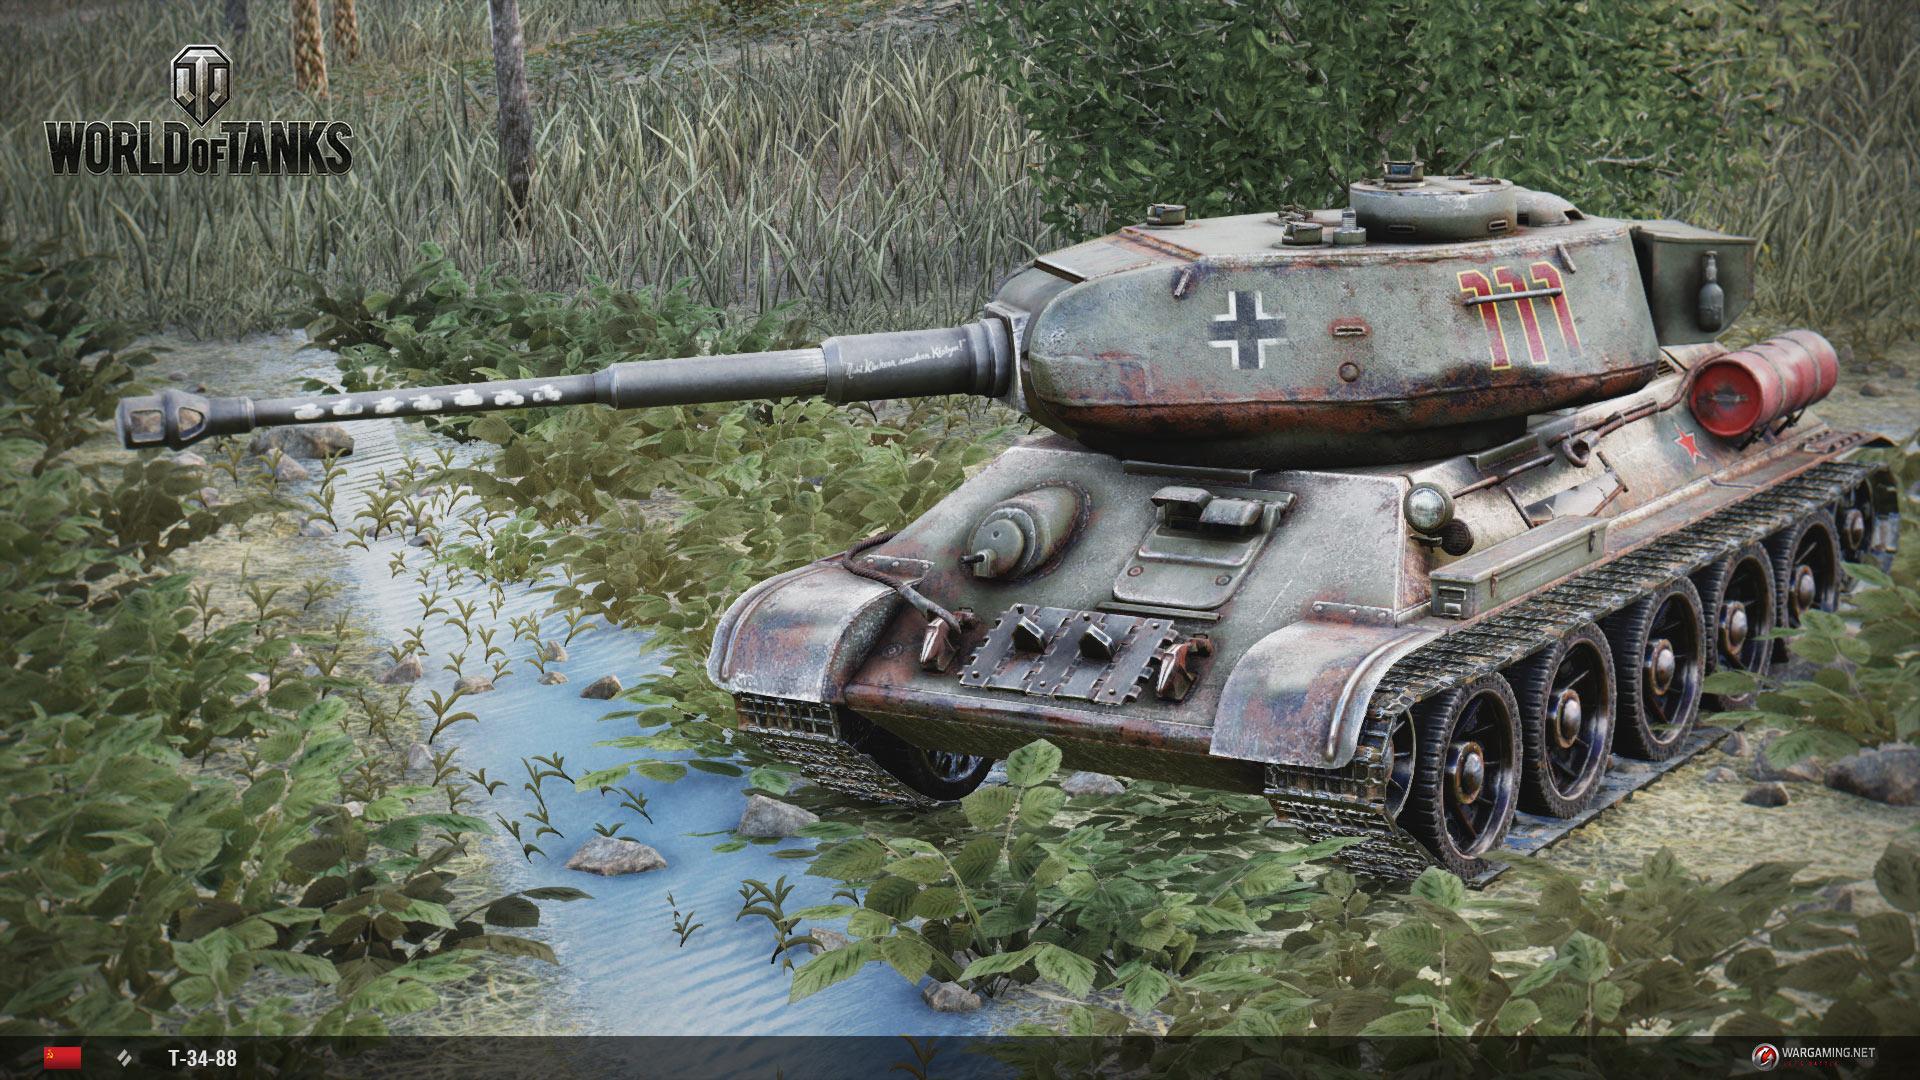 Les monstres de World of Tanks - Page 2 T-34-811